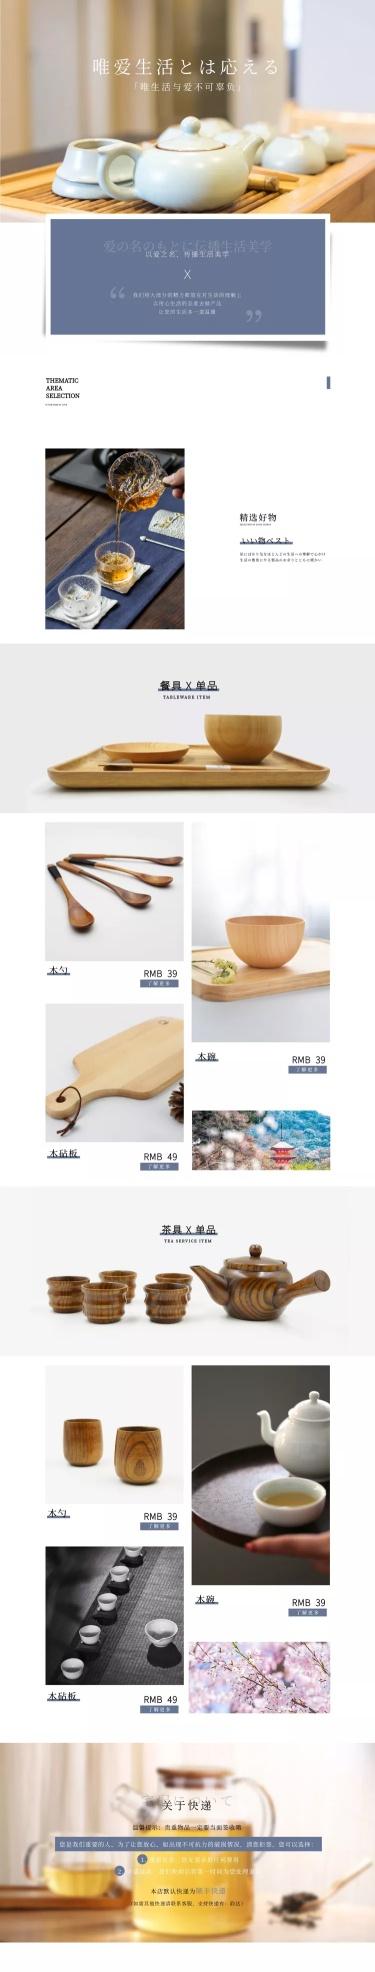 日常上新/活动促销/日式餐具/简约店铺首页